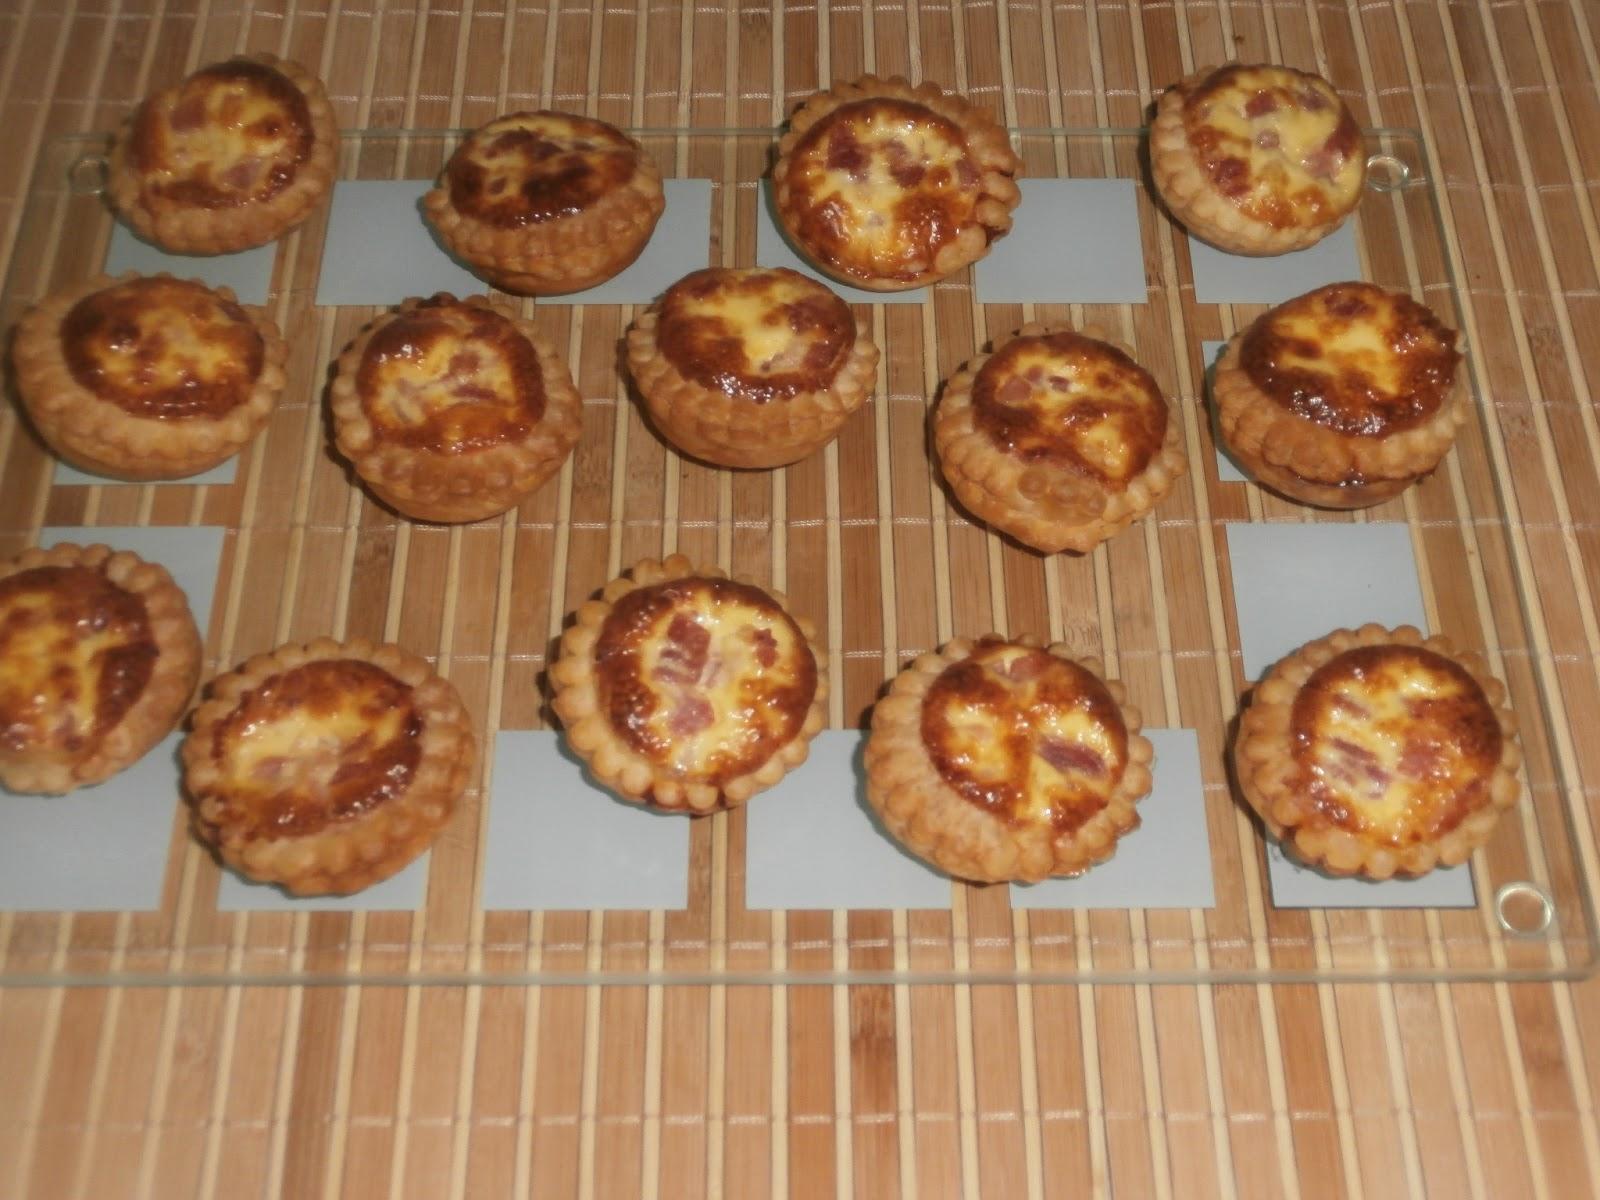 Les recettes chouettes de sissi ap ritif mini quiches - Moule mini quiche ...